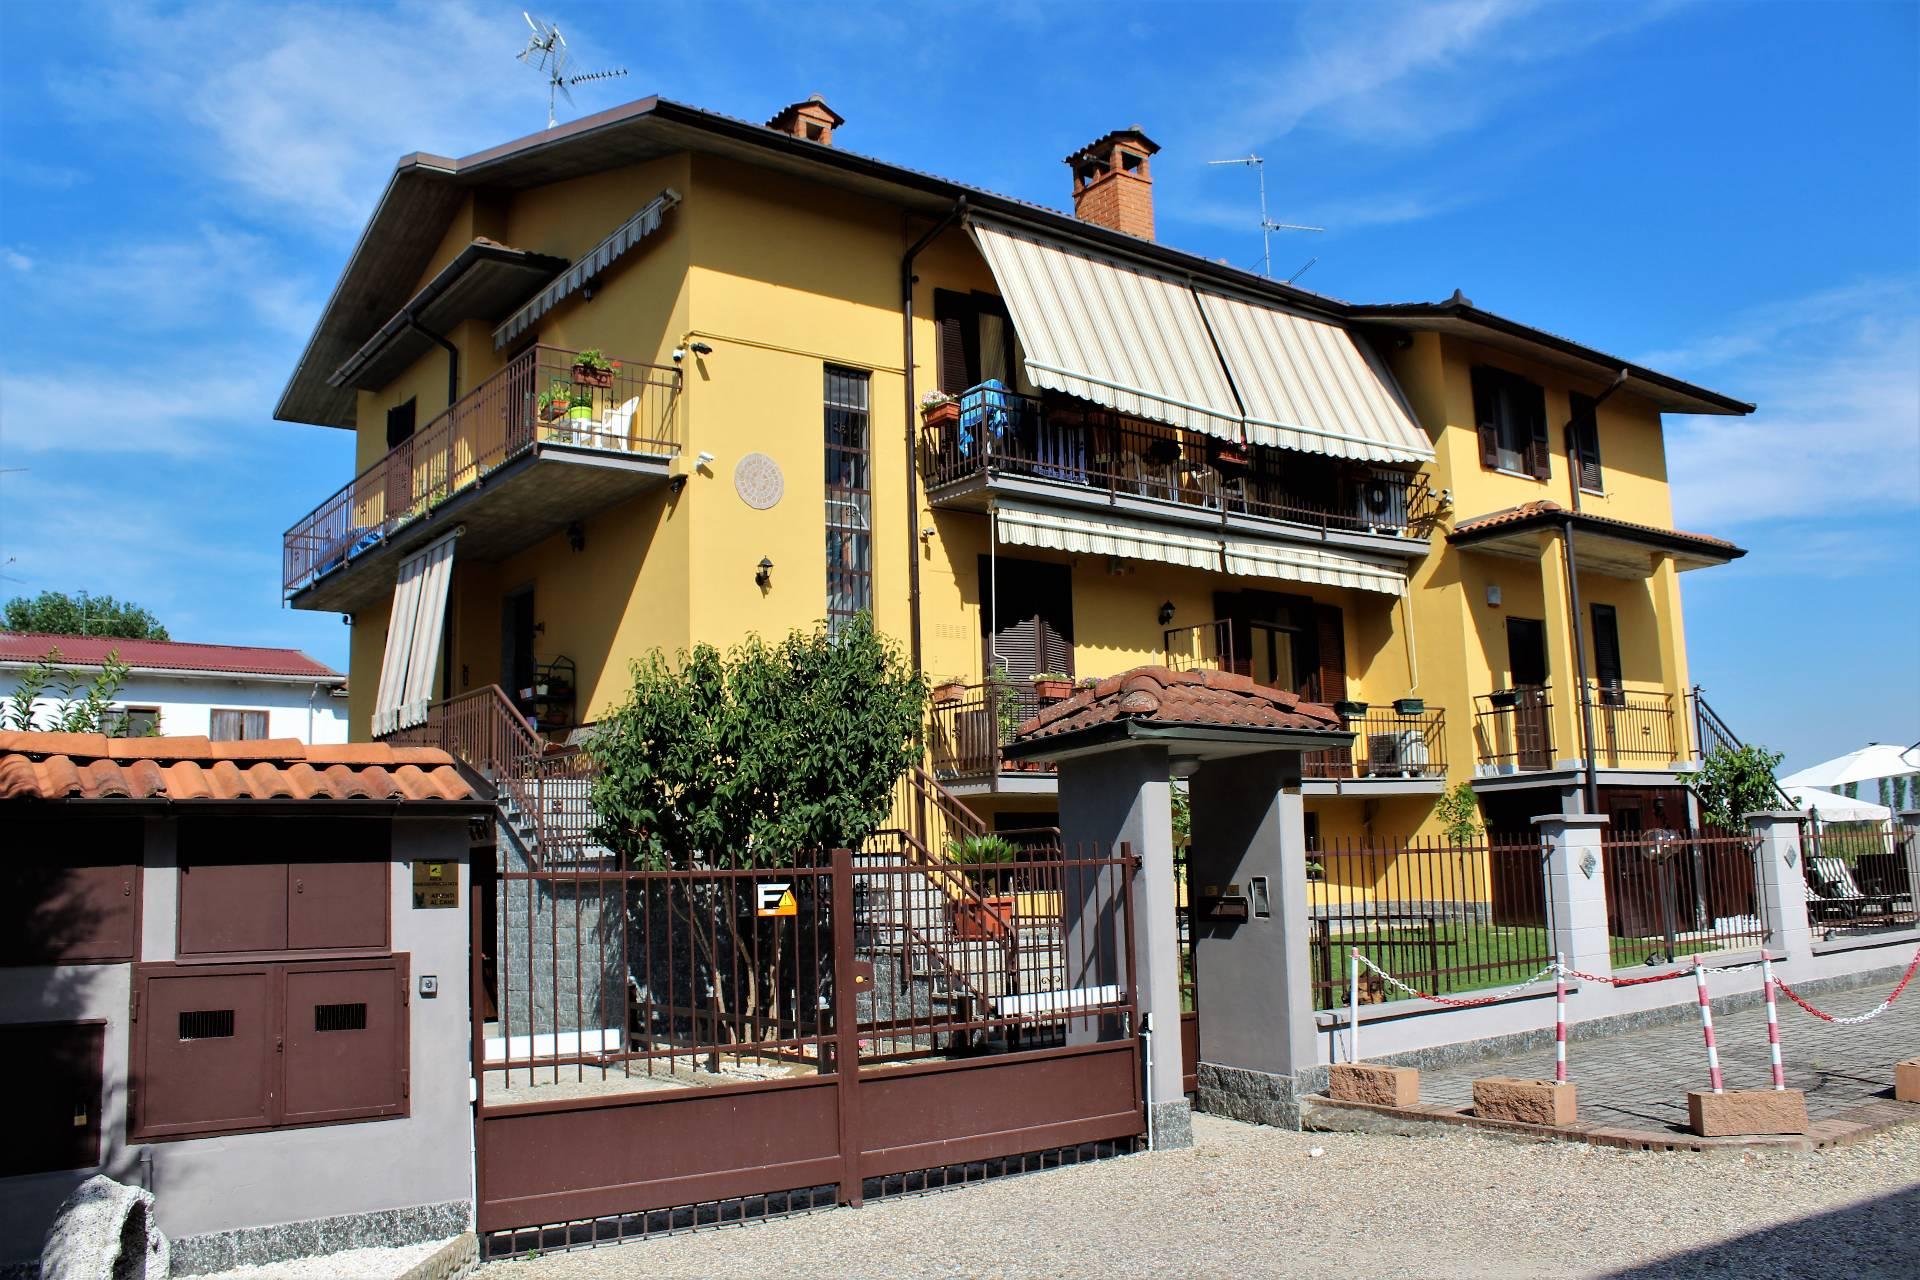 Villa Bifamiliare in Vendita a San Martino Siccomario